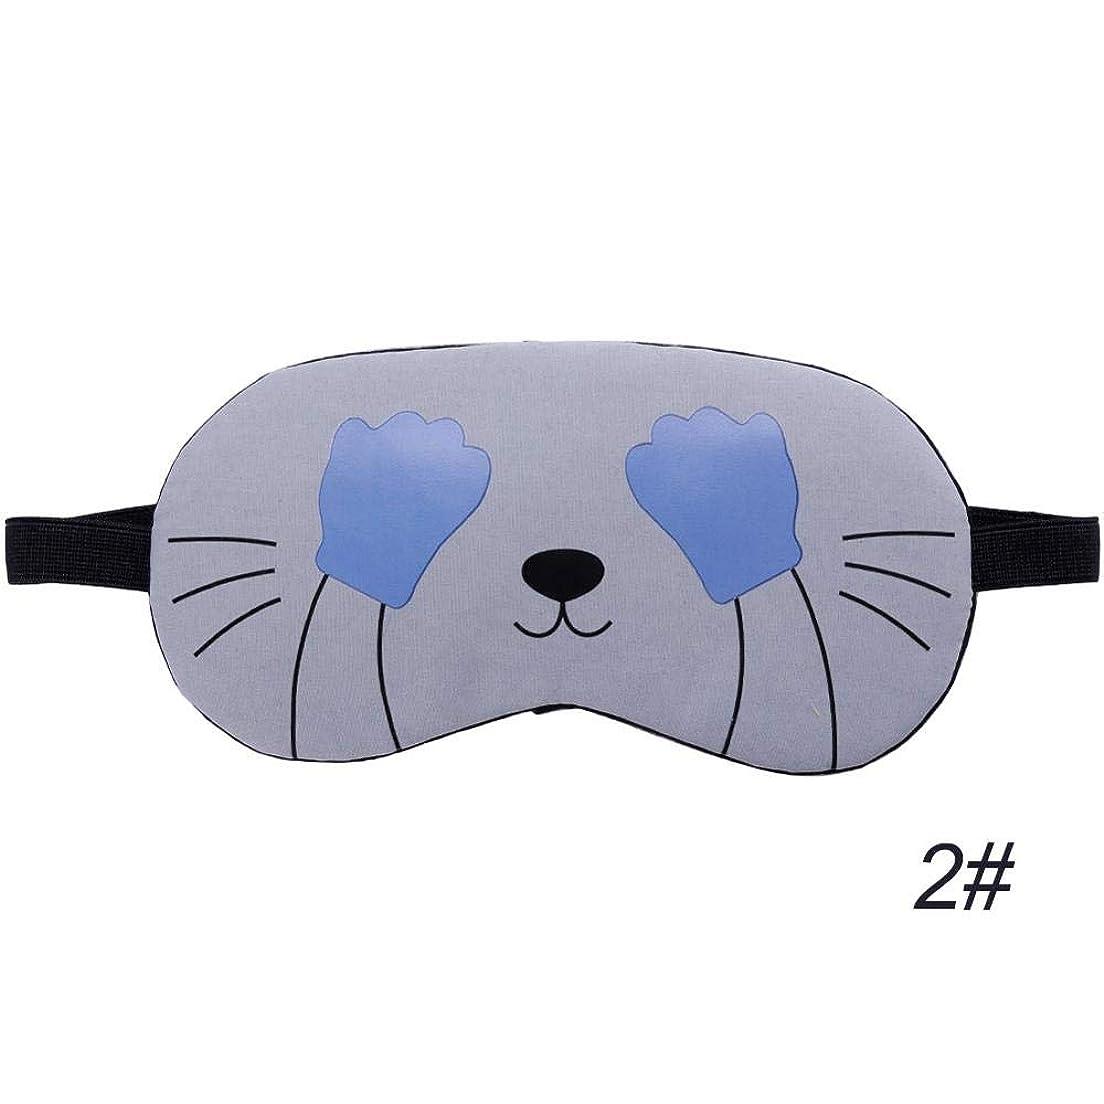 レッドデート机正しくNOTE かわいい猫漫画ソフトアイ睡眠補助マスクで快適なアイス圧縮ゲル旅行残りアイシェードカバー目隠し#280205